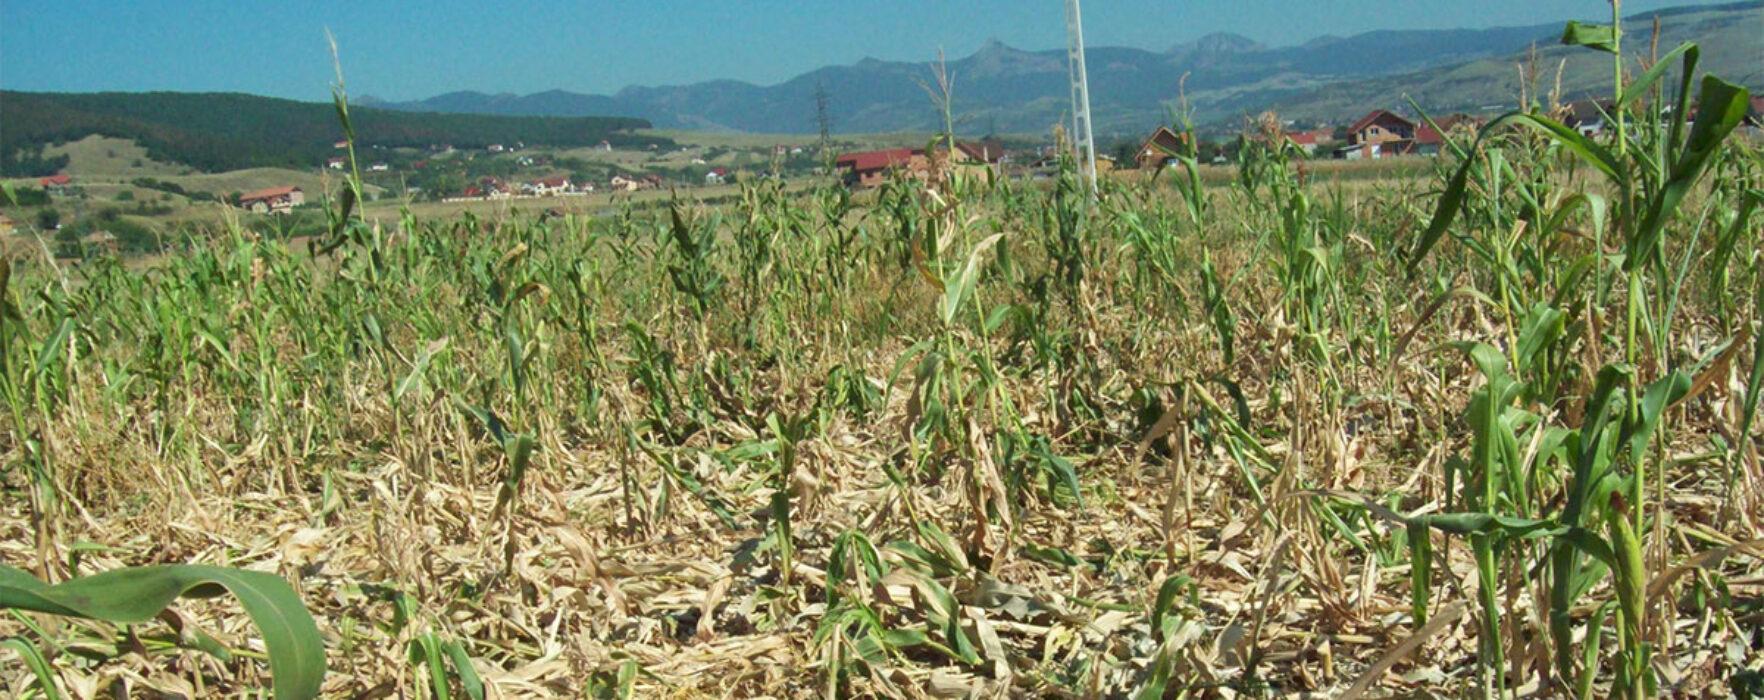 Dâmboviţa: Aproape 20.000 de hectare de culturi agricole, afectate de secetă în 2016